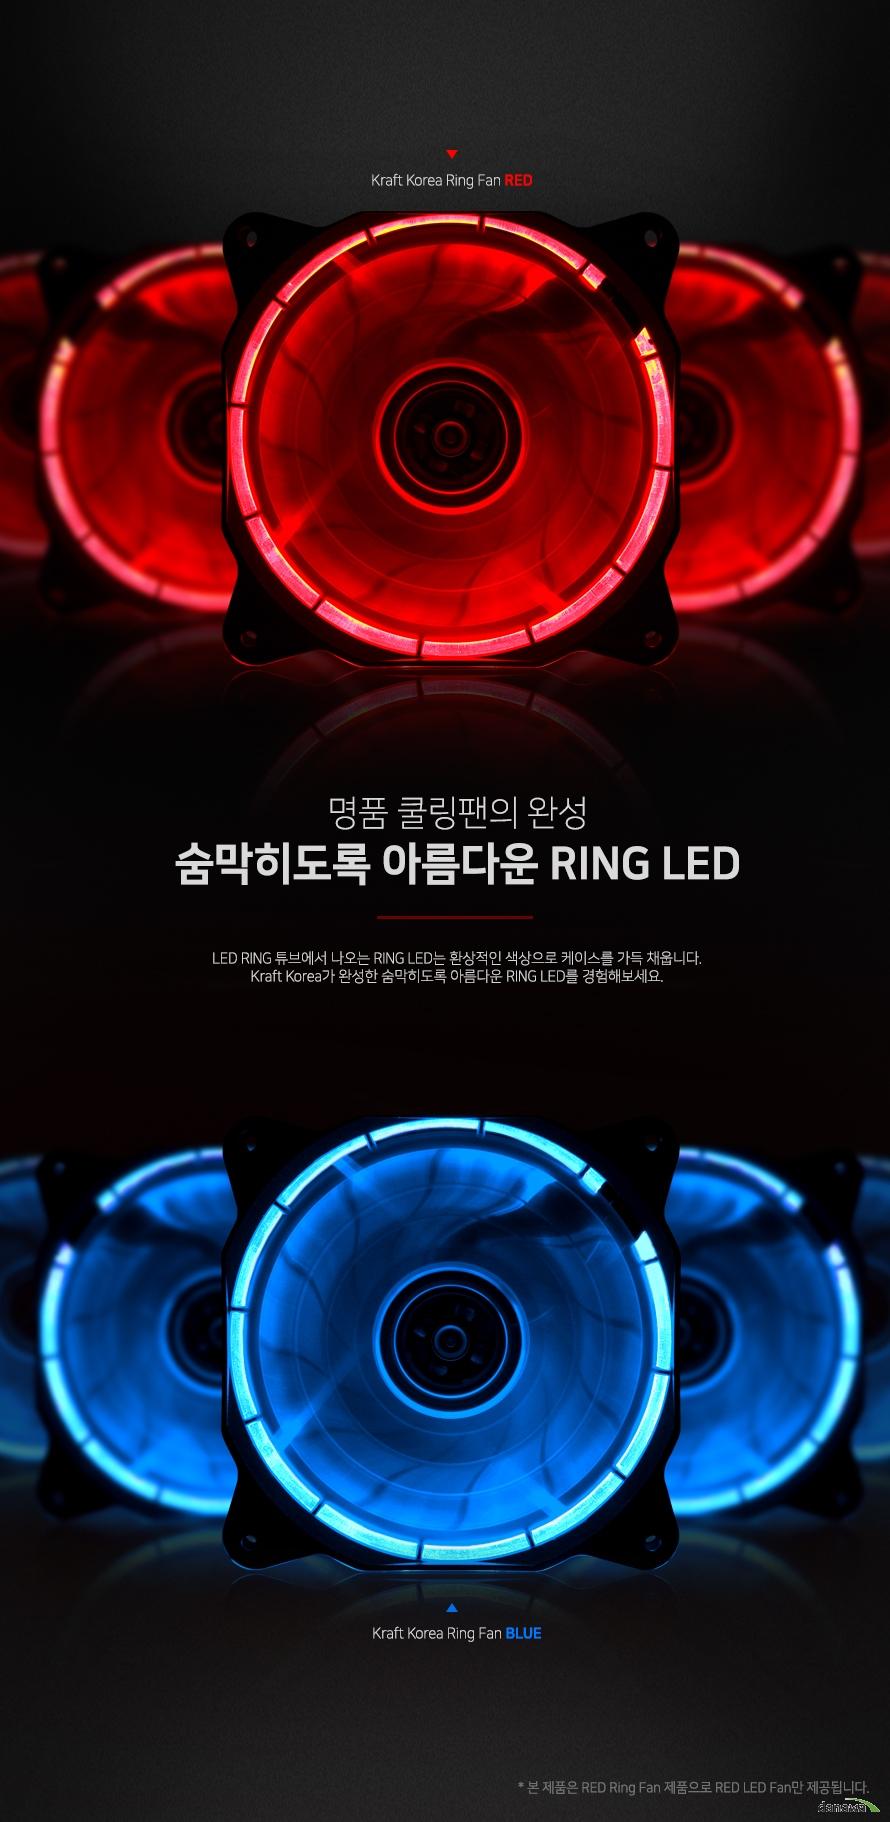 명품 쿨링팬의 완성      숨막히도록 아름다운 링 led      led 링 튜브에서 나오는 링 led는 환상적인 색상으로 케이스를 가득 채웁니다.   크라프트 코리아가 완성한 숨막히도록 아름다운 링 led를 경험해보세요.      본 제품은 red 링 팬 제품으로 red led fan만 제공됩니다.